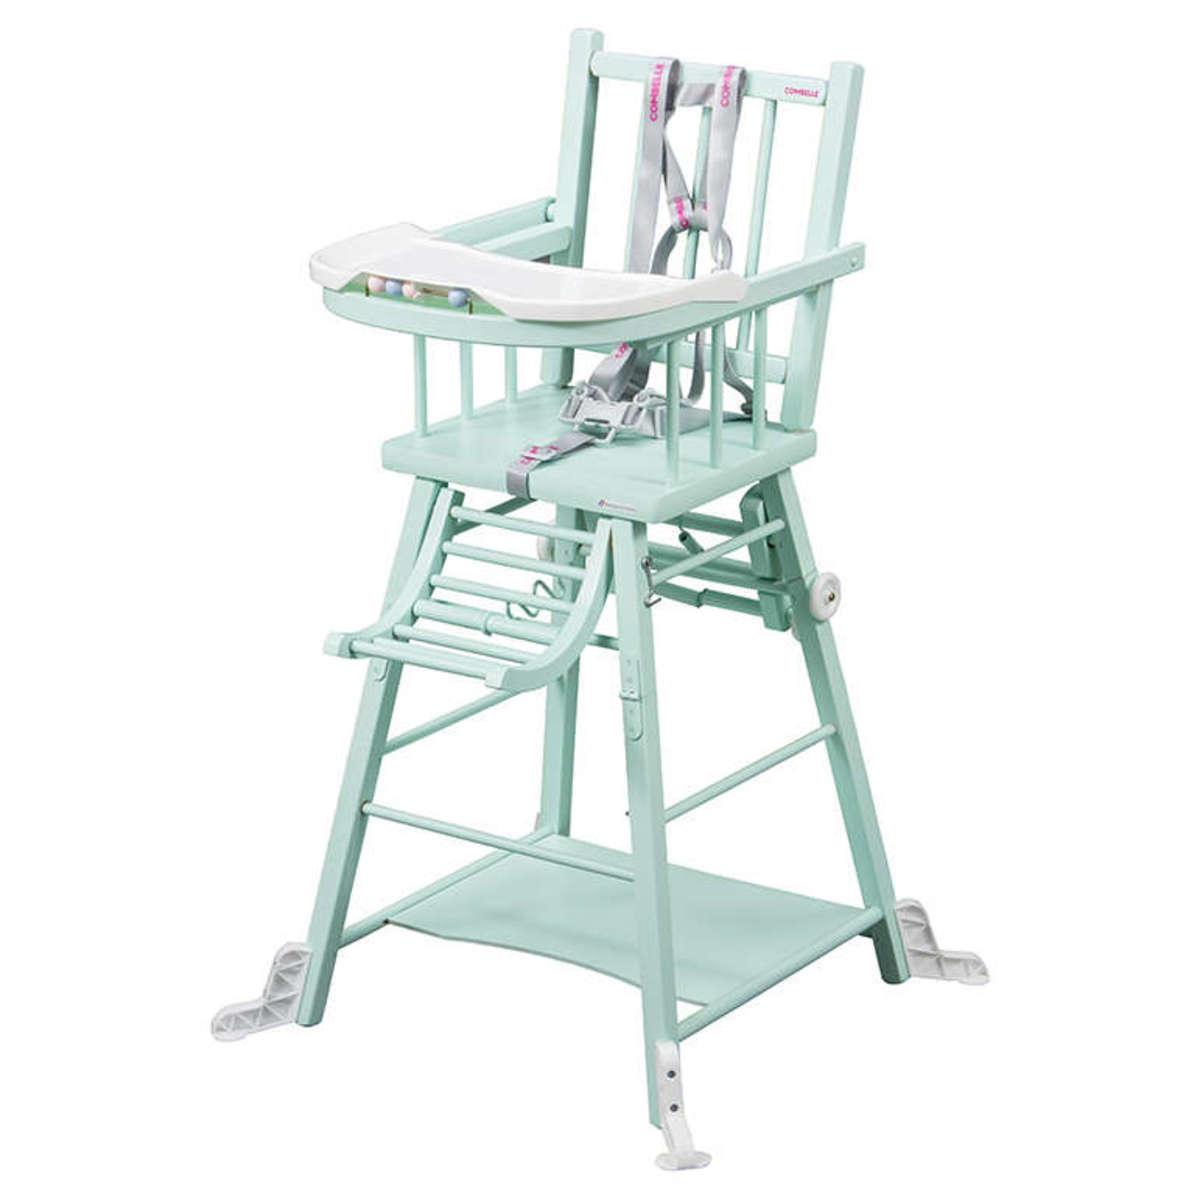 Chaise haute Chaise Haute à Barreaux Transformable Marcel - Vert Amande Chaise Haute à Barreaux Transformable Marcel - Vert Amande